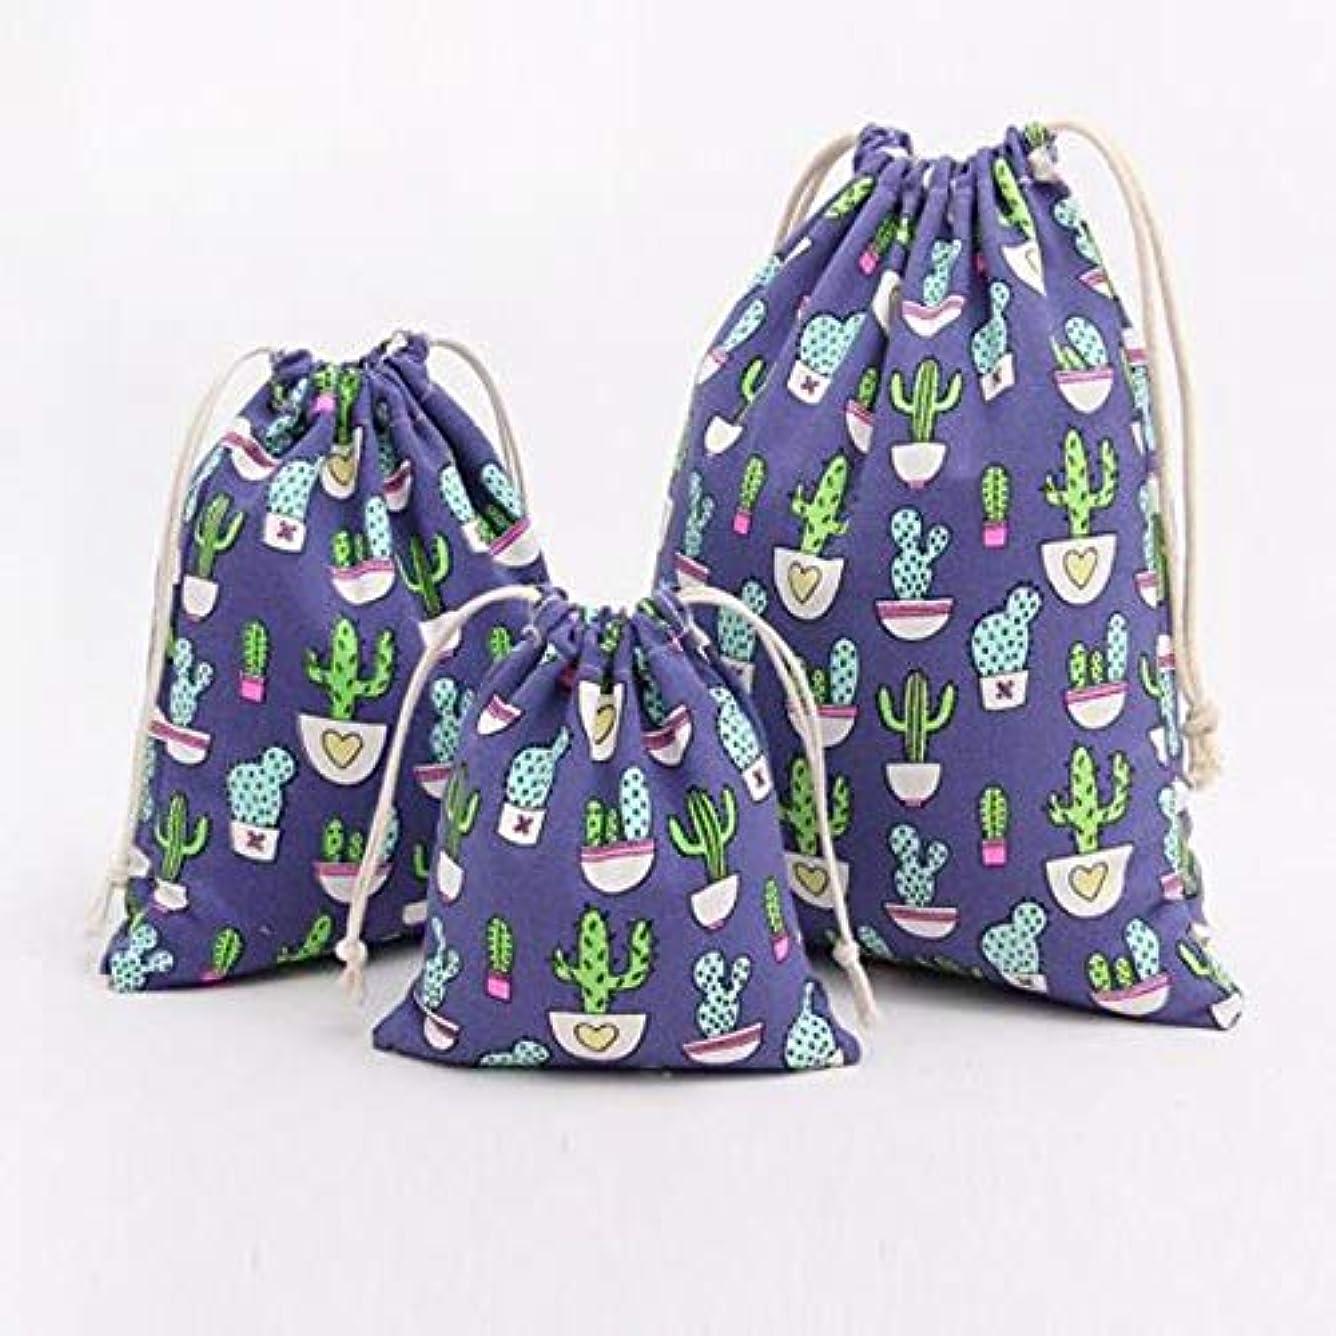 凍るのために発表するBIDLS ギフトバッグ収納袋バンドルバッグ巾着袋化粧品ストレージ仕上げ小さな布バッグ3点セット (Color : D)